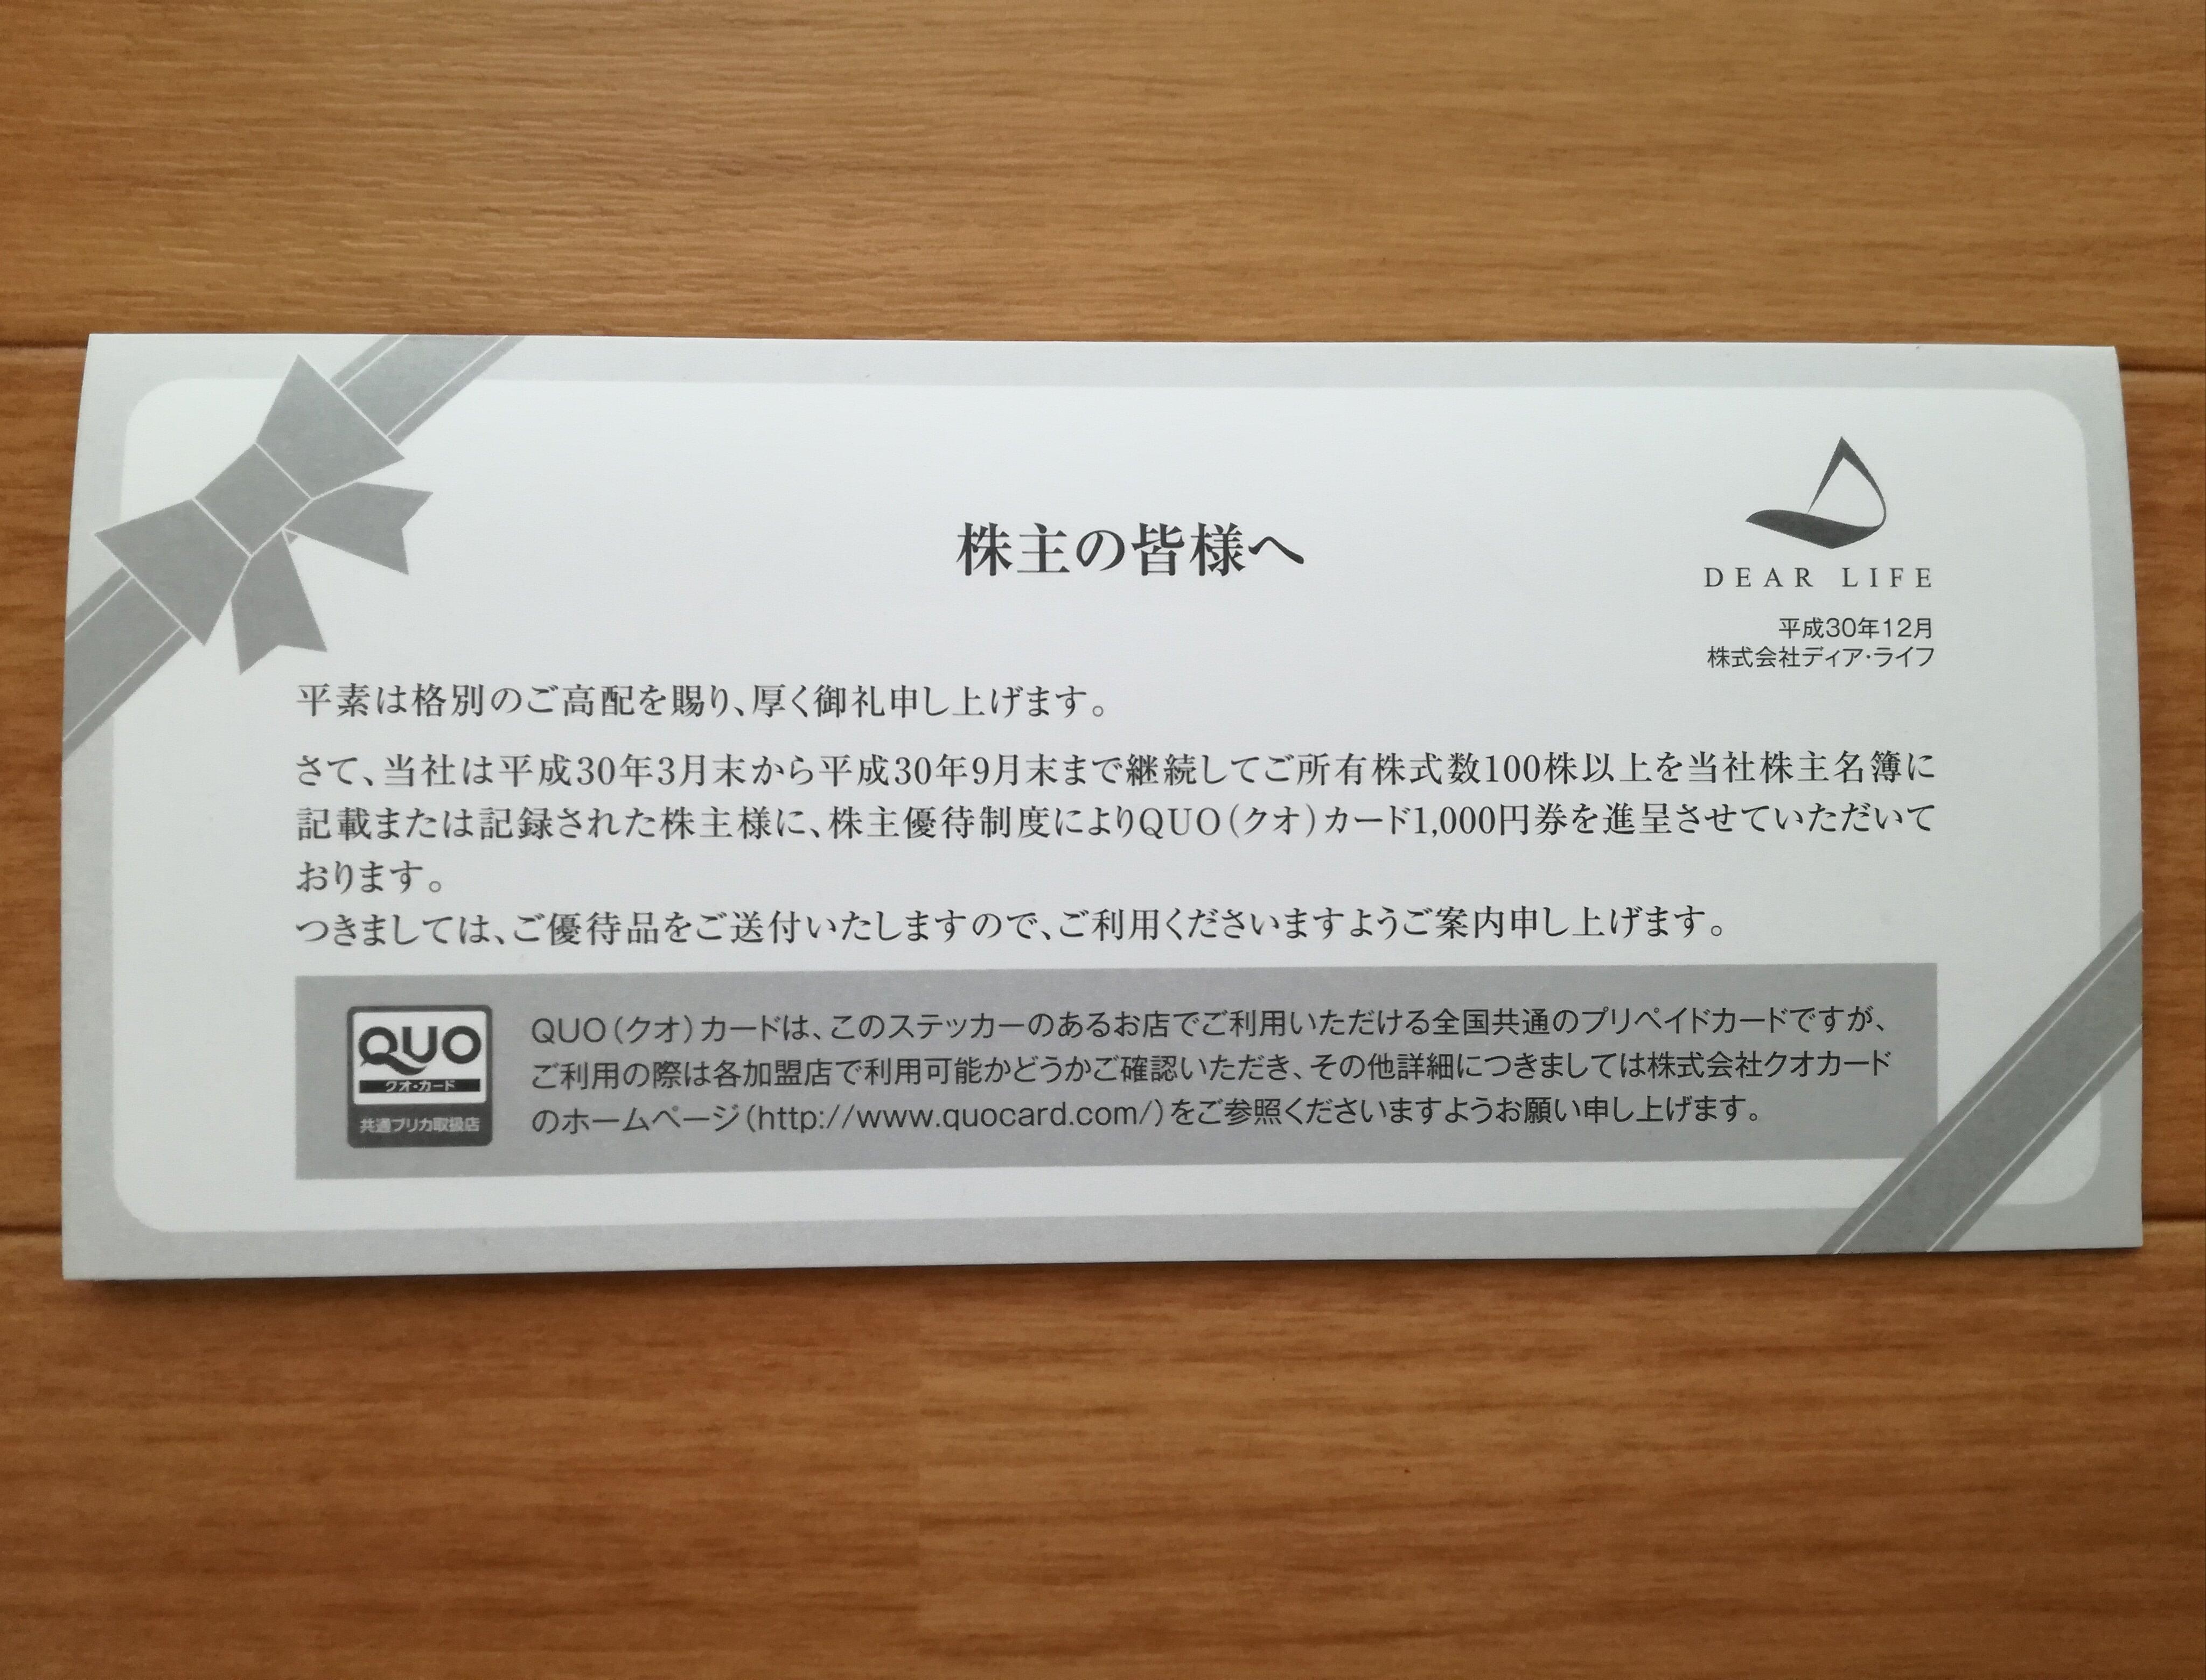 ディア・ライフ(3245)から最後の株主優待クオカード1,000円分が到着!